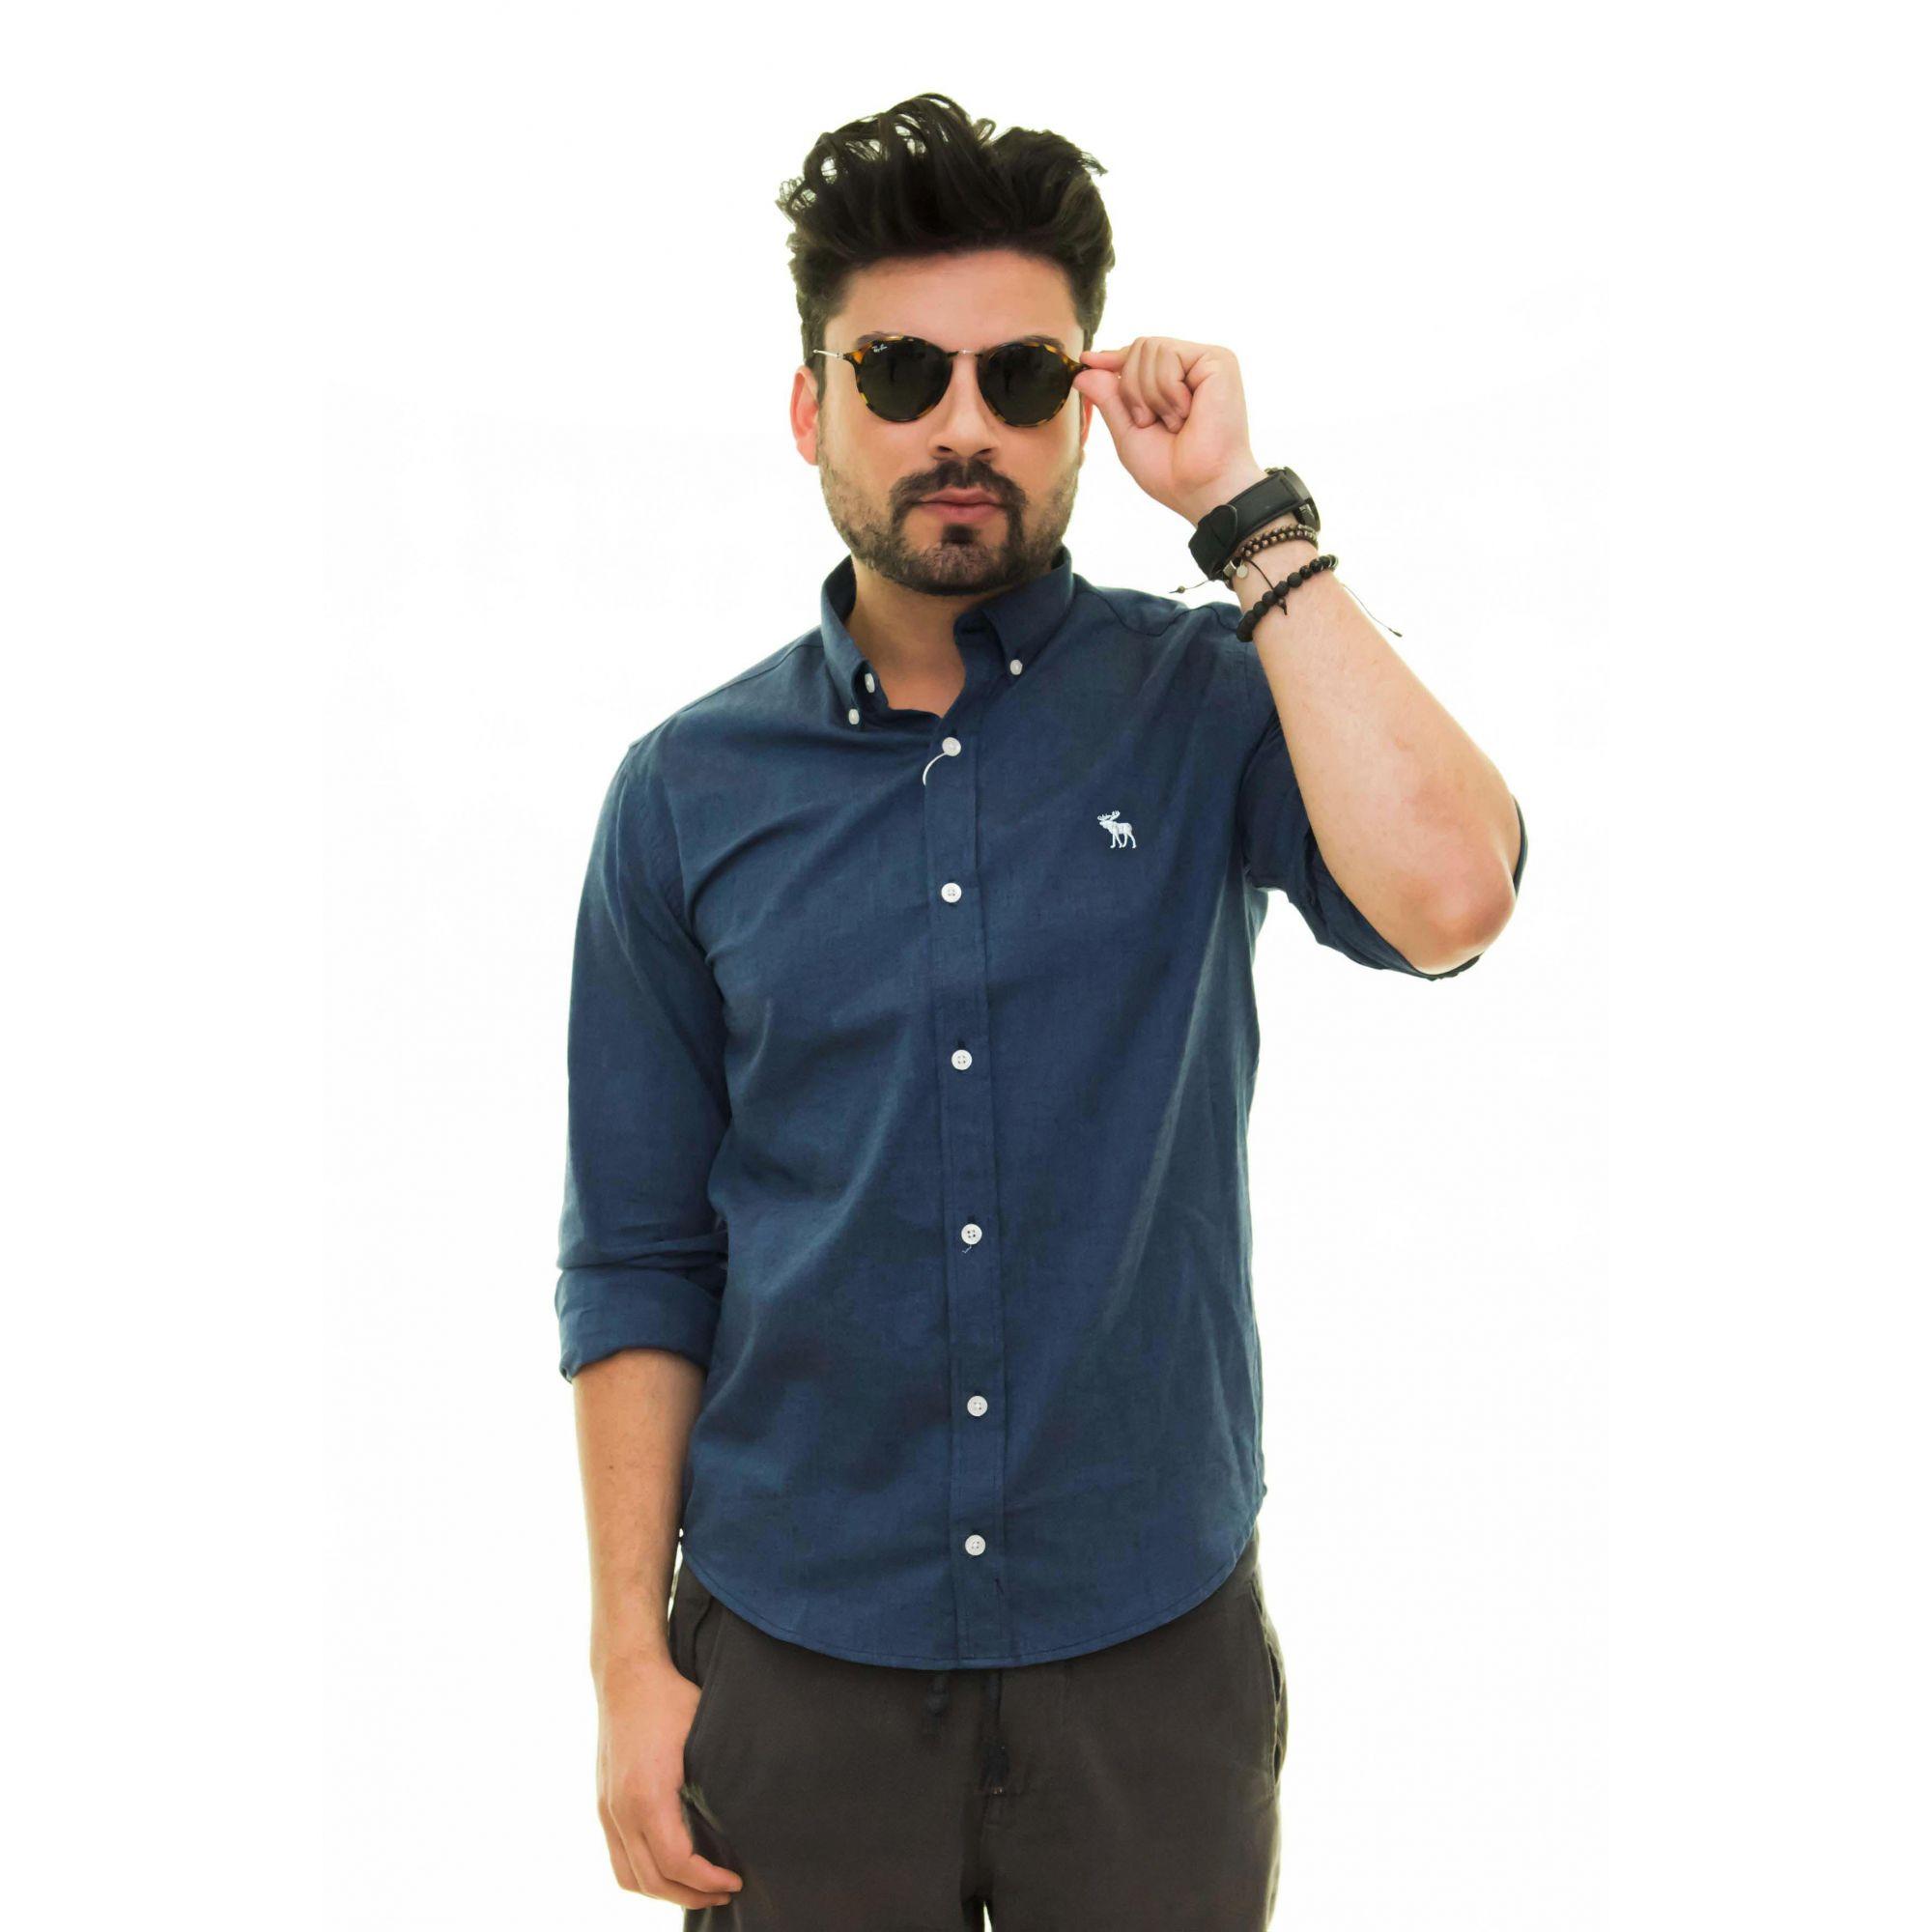 Camisa Social Oxford ABR Marinho 2  - Ca Brasileira